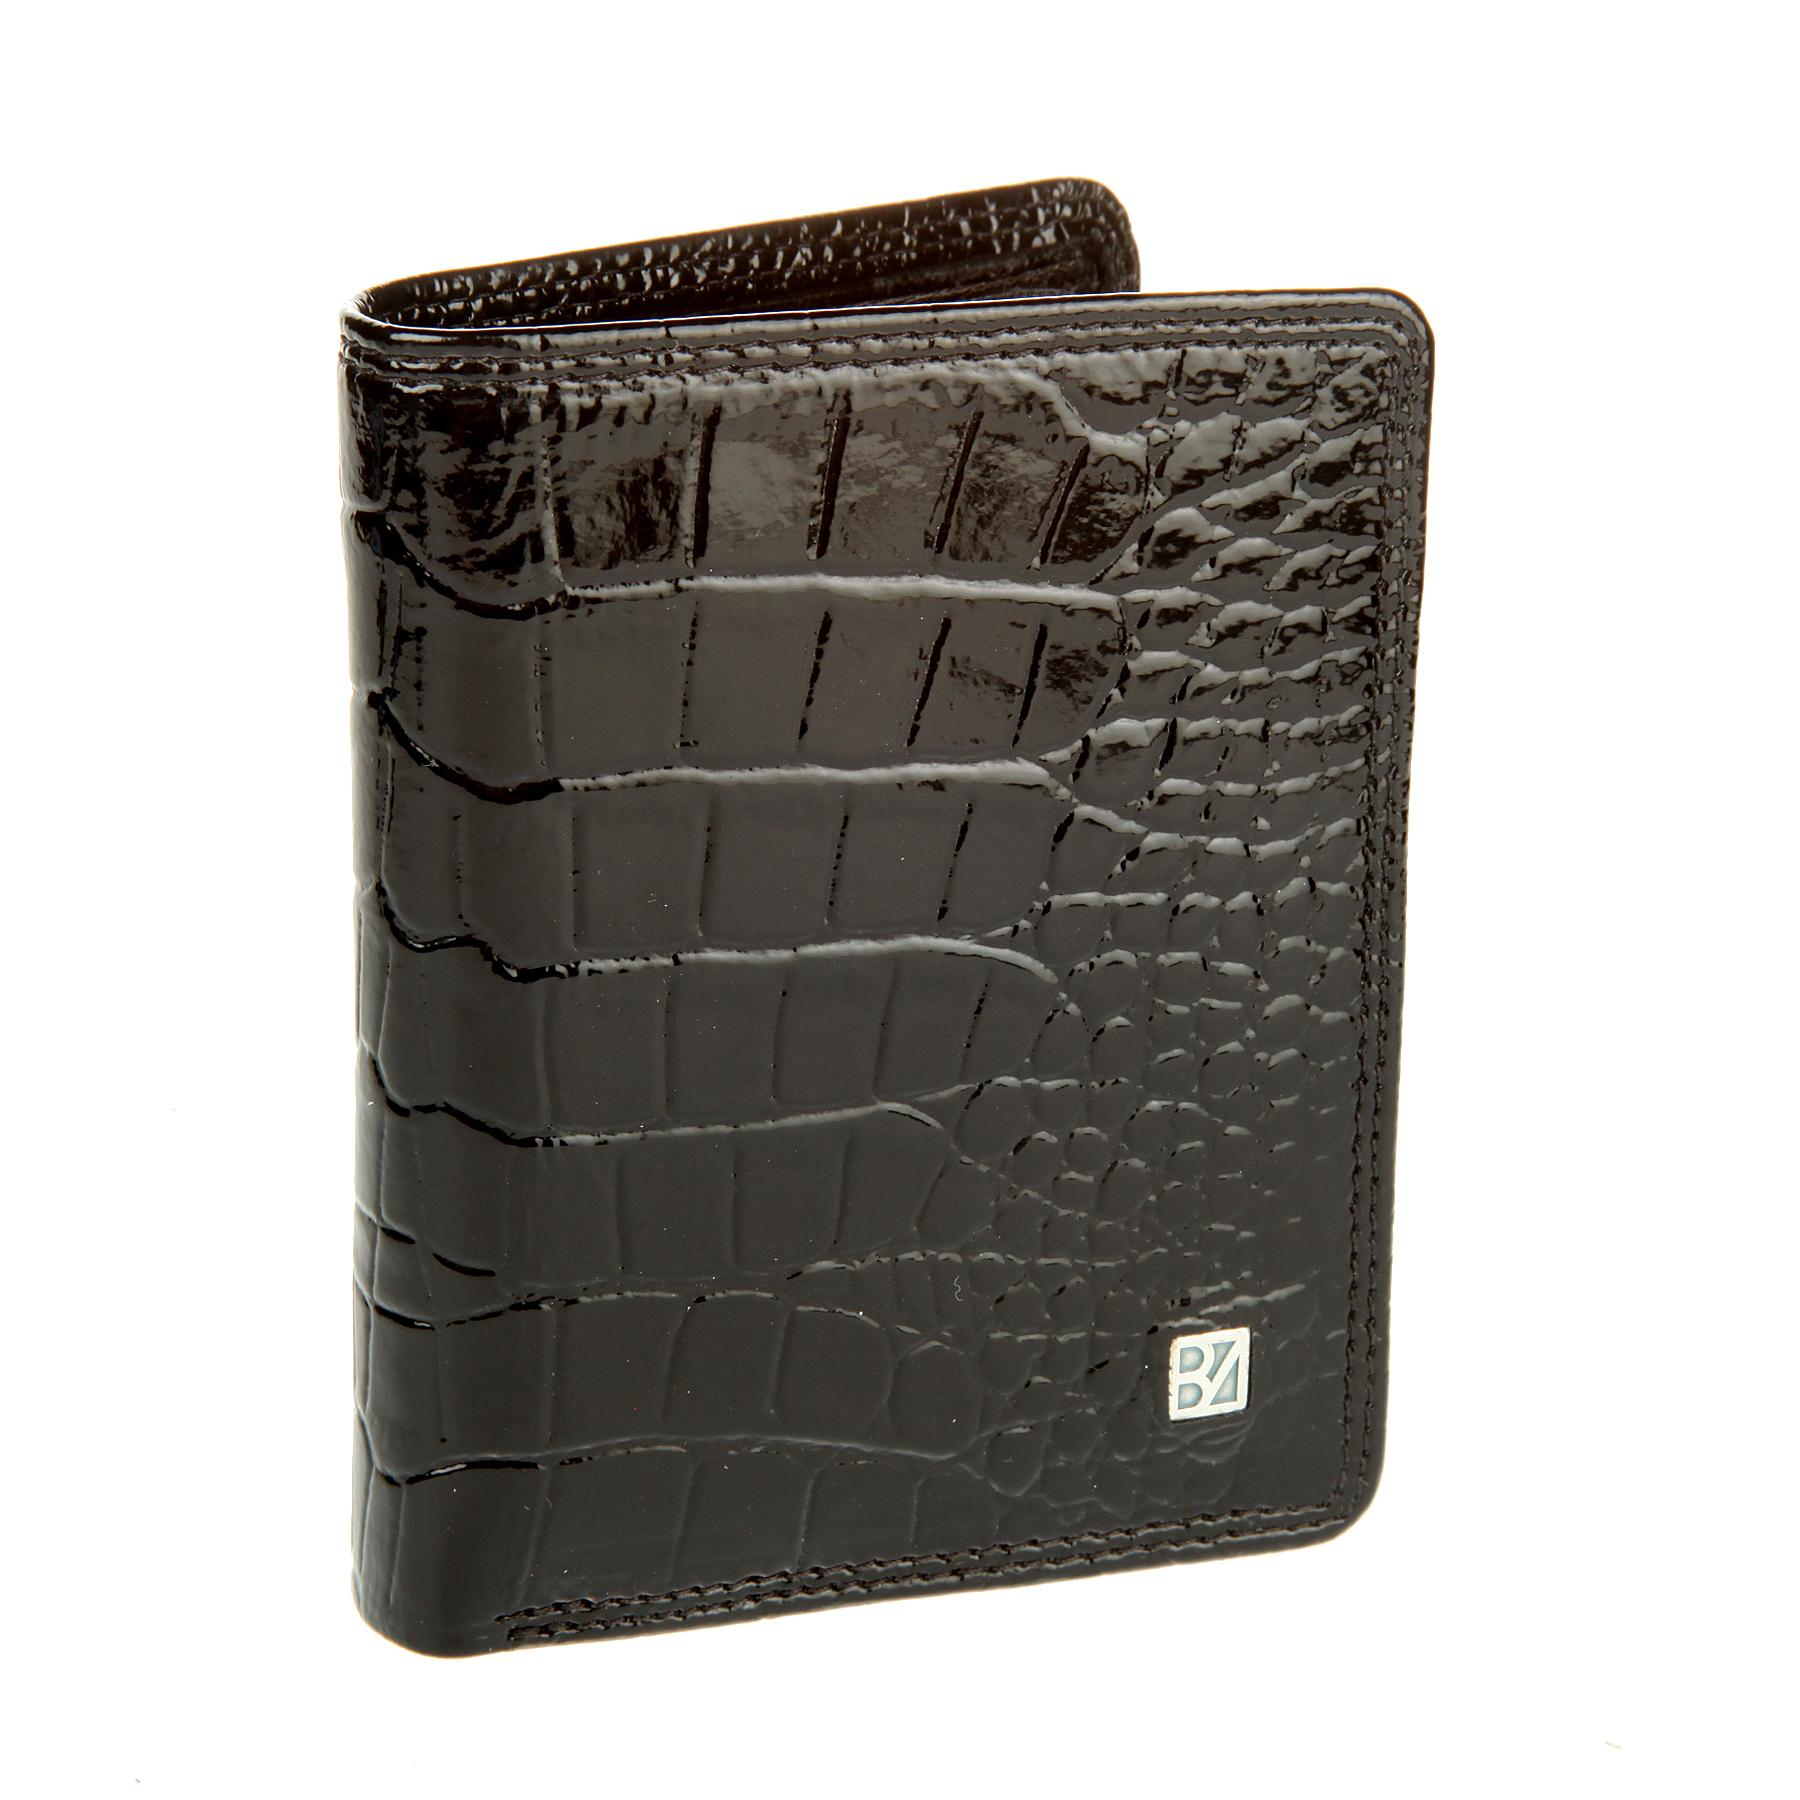 Кошелек женский Bodenschatz, цвет: черный. 4-753 black4-753 blackРаскладывается пополам, внутри одно отделение для купюр, два потайных кармашка, девять кармашков для пластиковых карт.